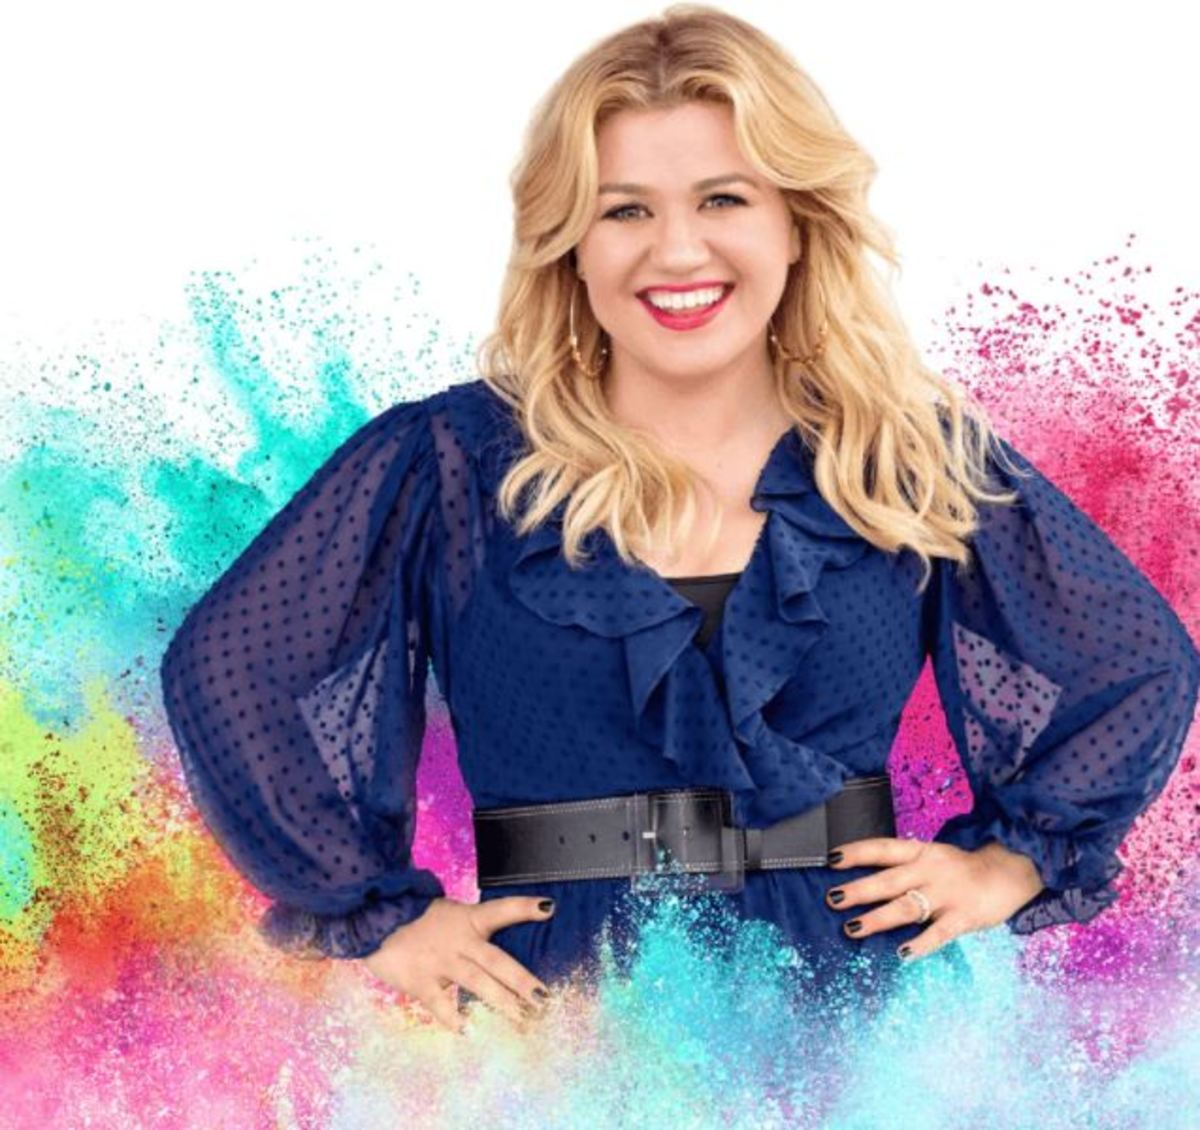 Kelly Clarkson/NBC